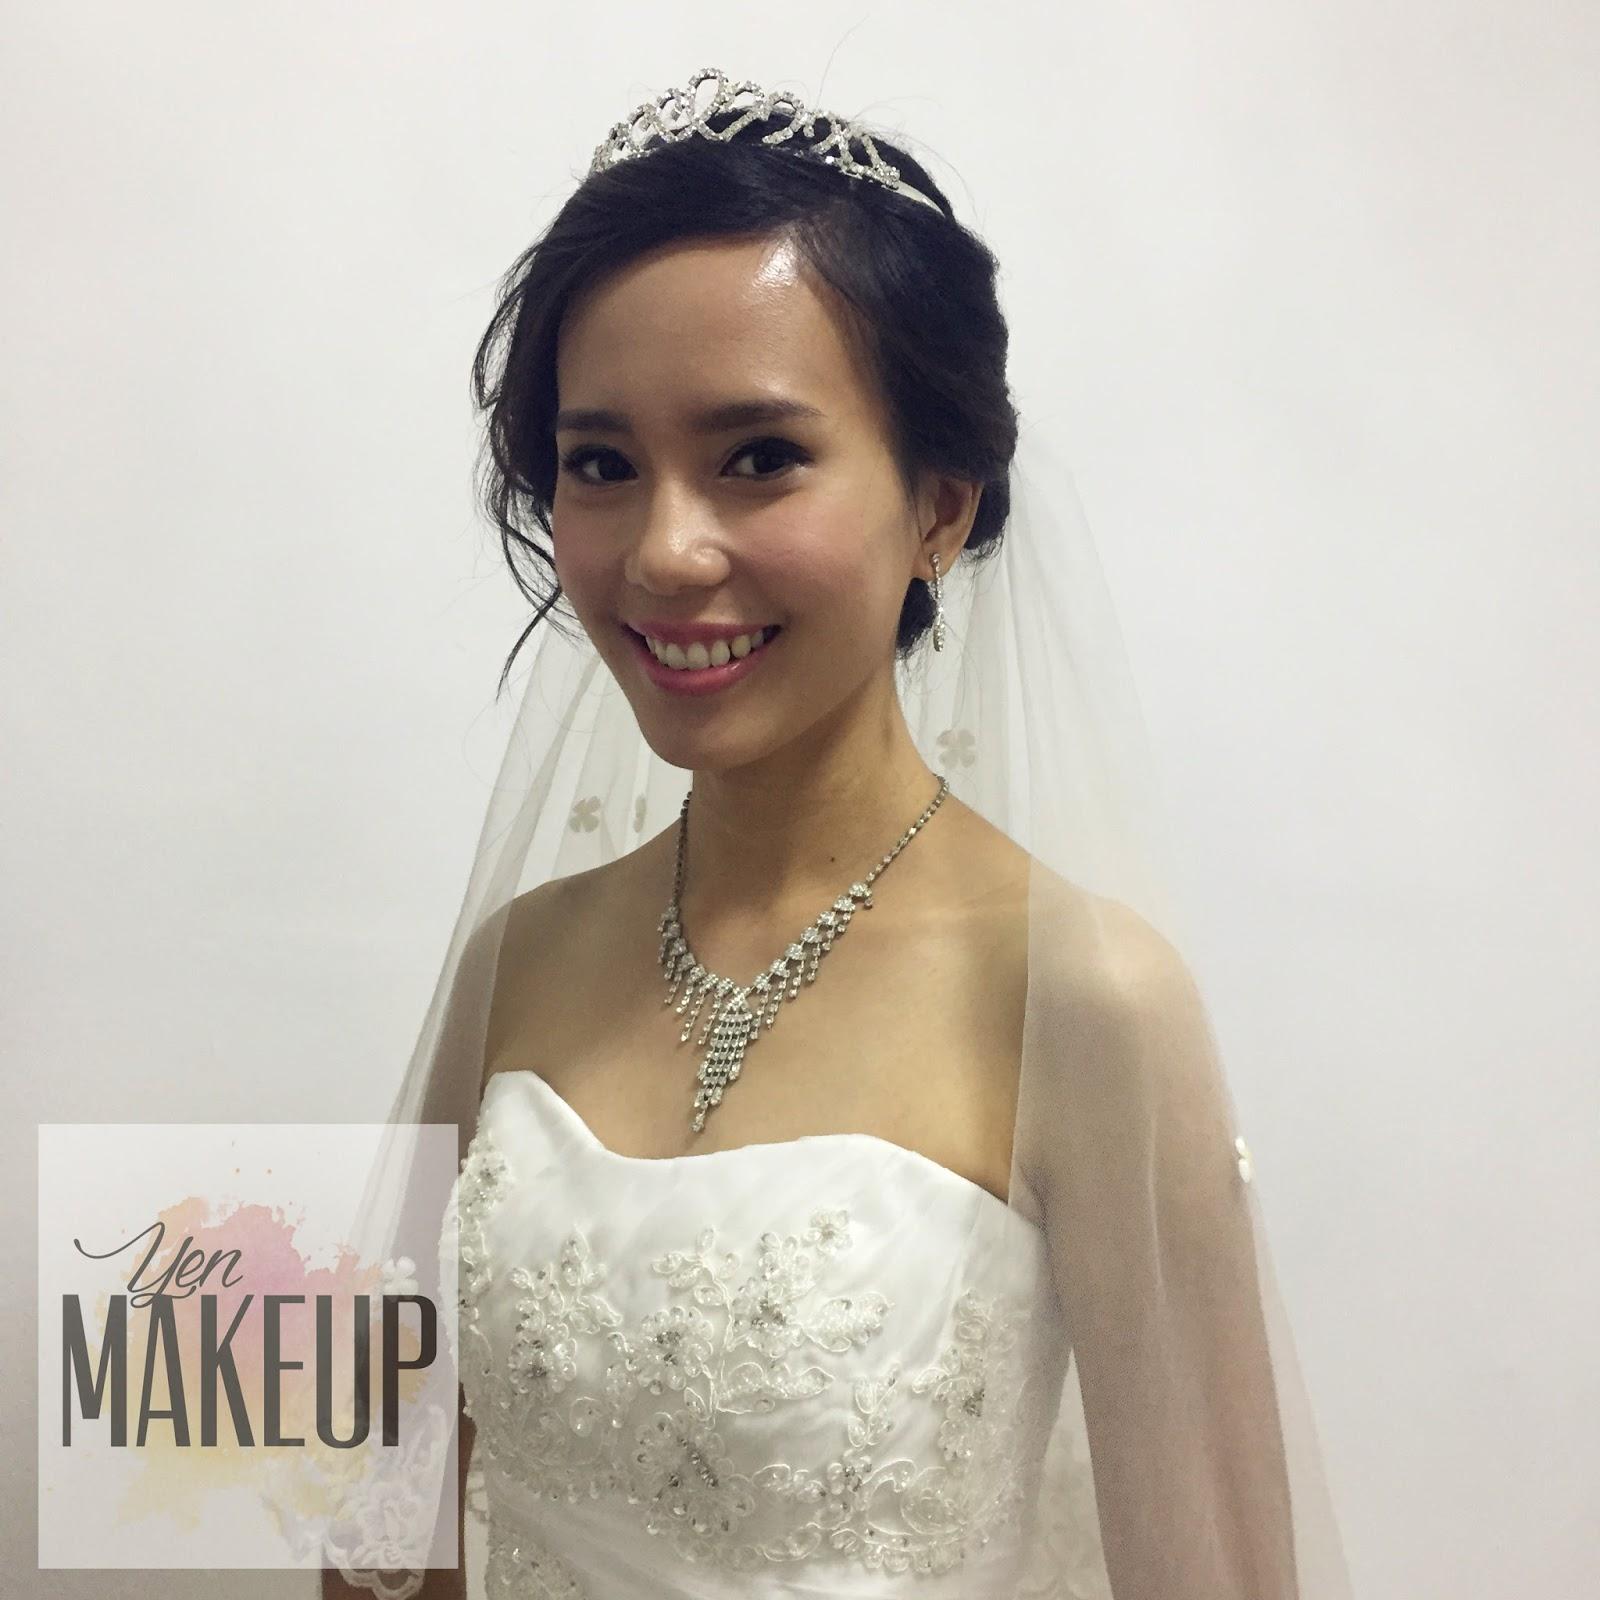 Wedding Day Makeup 2017 : YenMakeup: Bridal Day Makeup ~ 07-01-2017